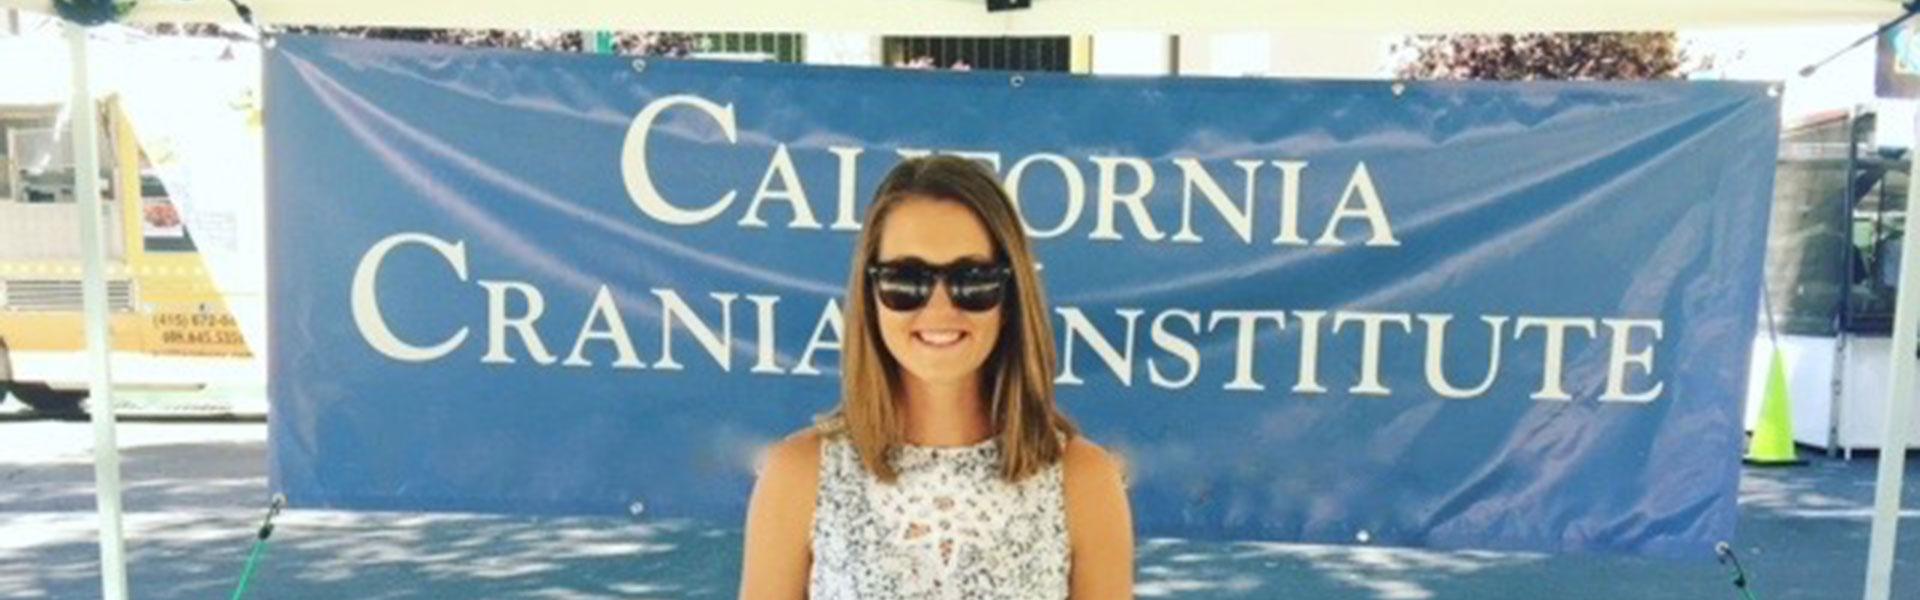 california-cranial-institute-banner